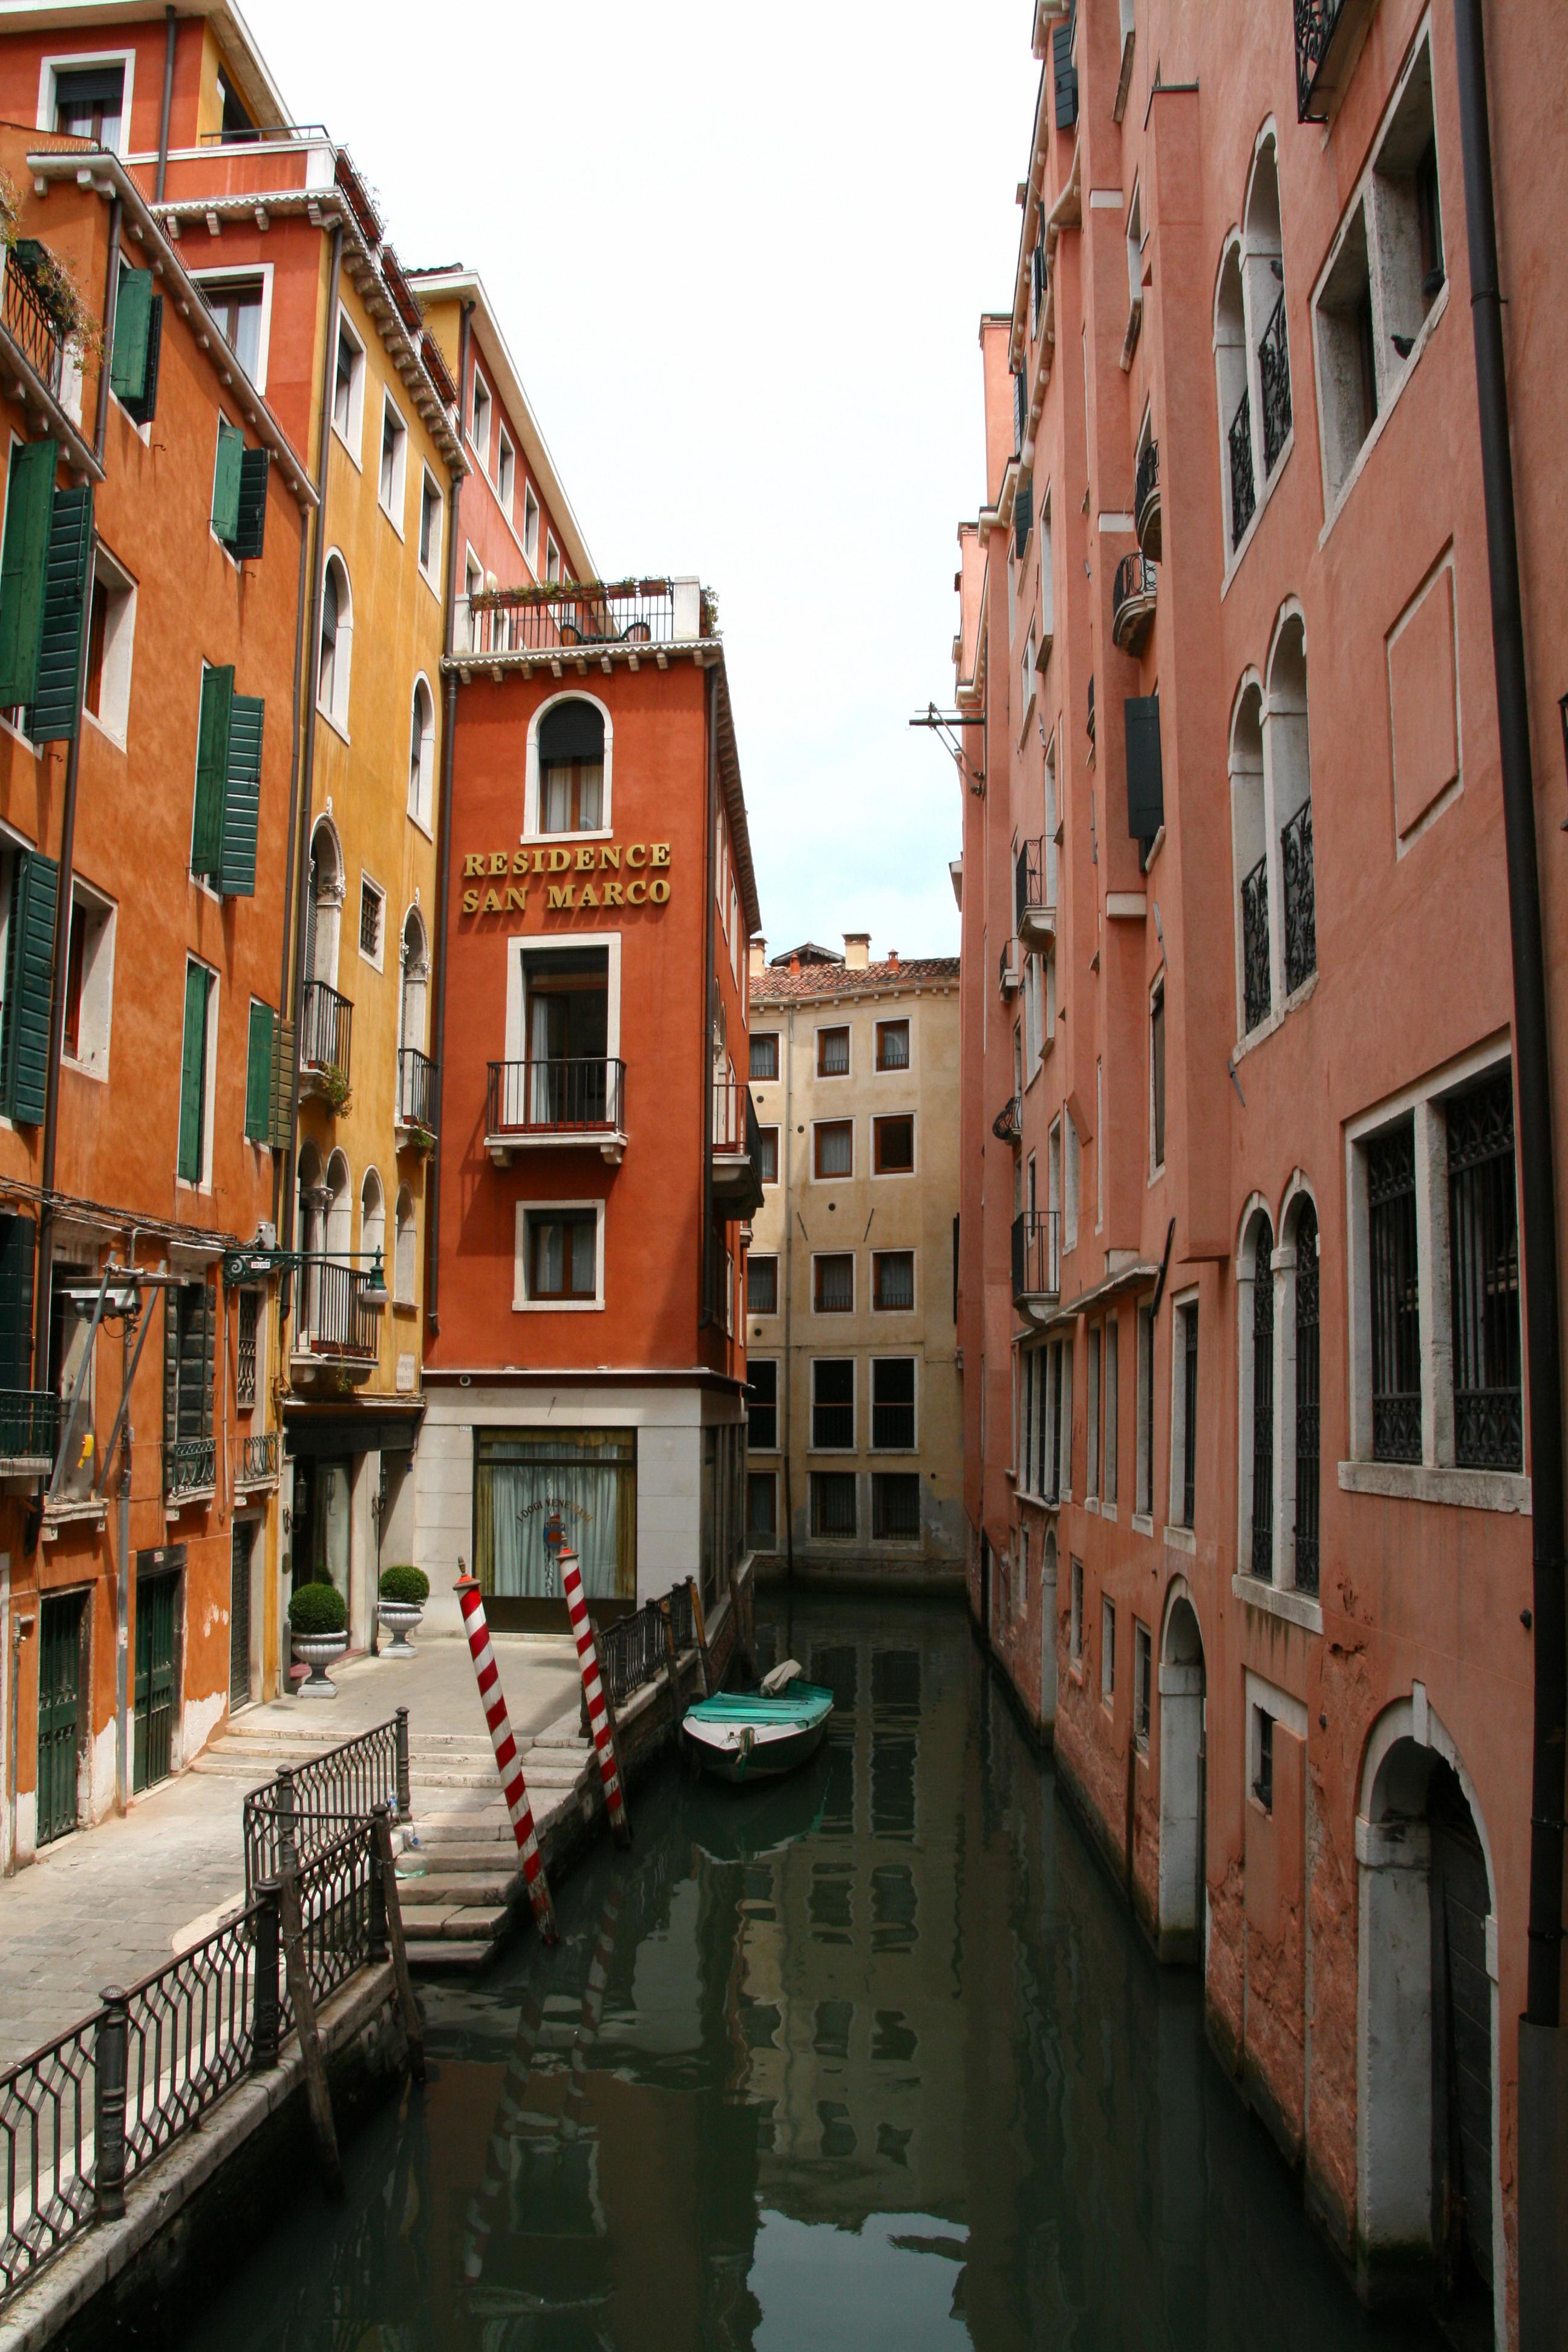 Venice Italy  city photos gallery : Venice italy 2007 Wikipedia, the free encyclopedia